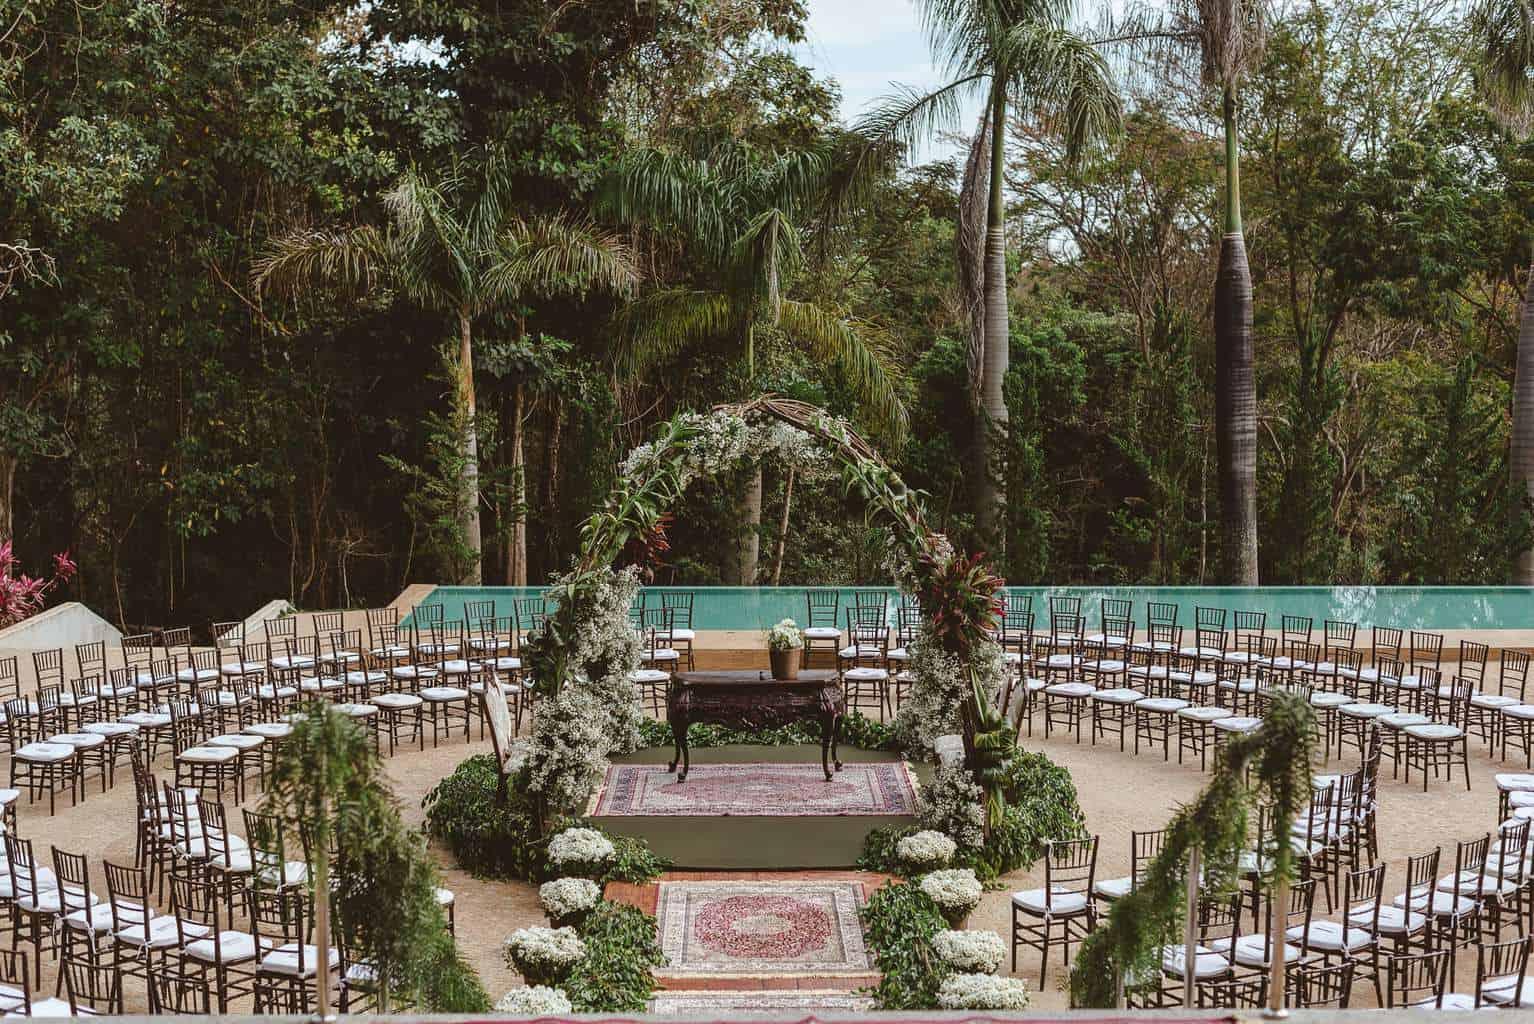 casamento-ao-ar-livre-casamento-boho-casamento-geek-casamento-rustico-casamento-Thais-e-Pedro-cerimônia-decor-cerimônia-decoração-Revoar-Fotografia-Villa-Borghese-Eventos-6